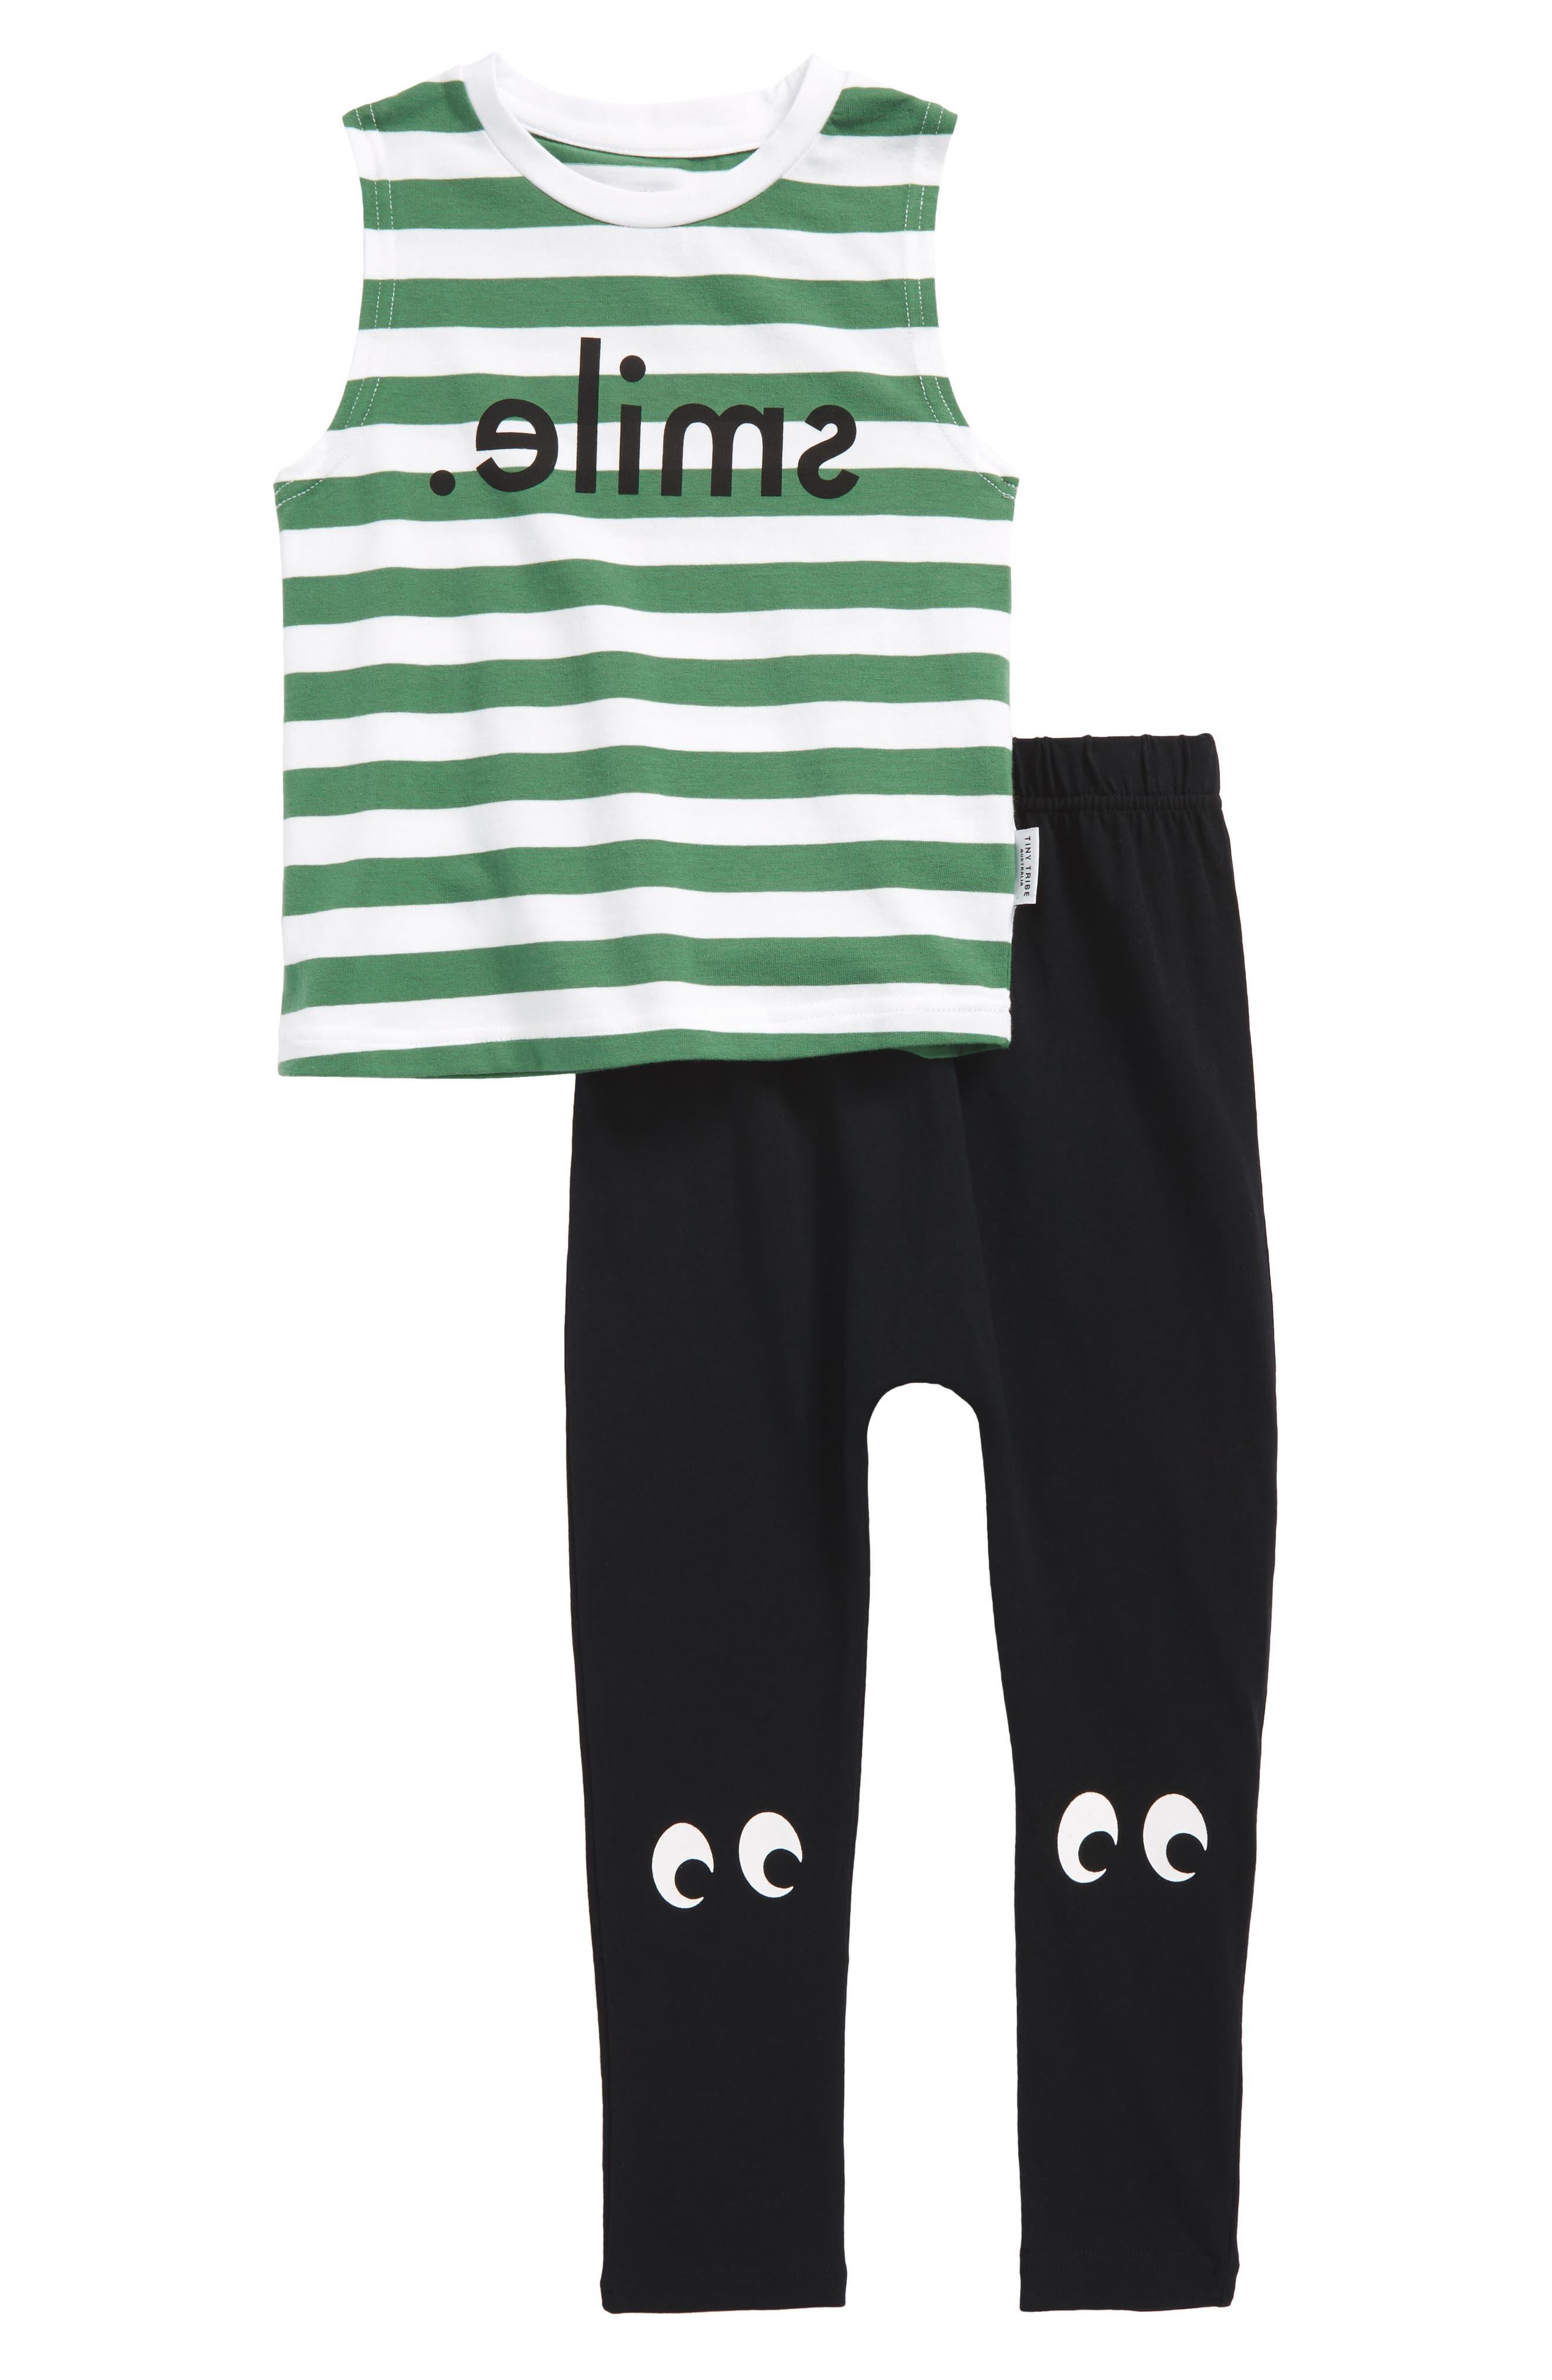 Alternate Image 1 Selected - Tiny Tribe Smile Tank & Leggings Set (Toddler Girls & Little Girls)